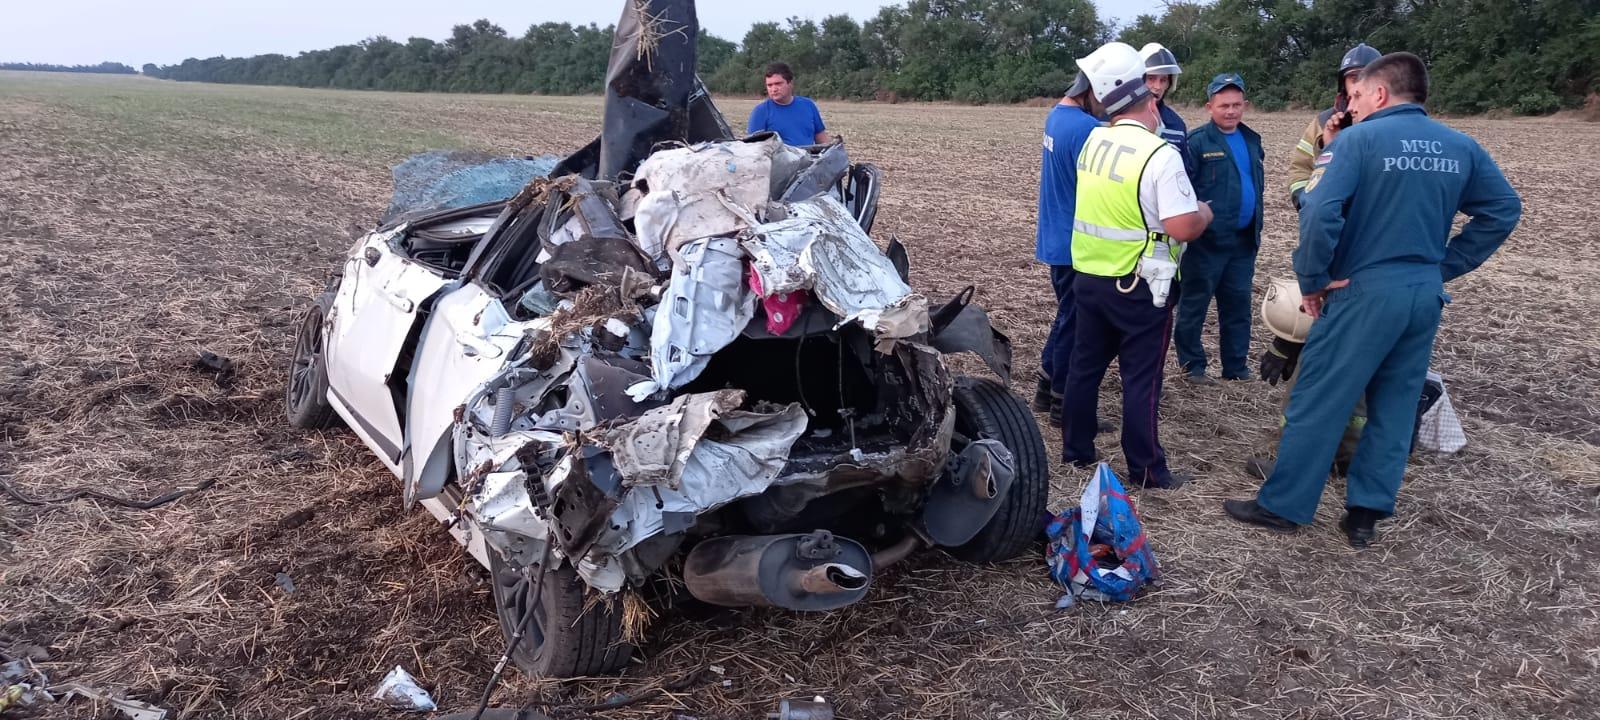 Слетел с дороги: водитель погиб в ДТП на трассе